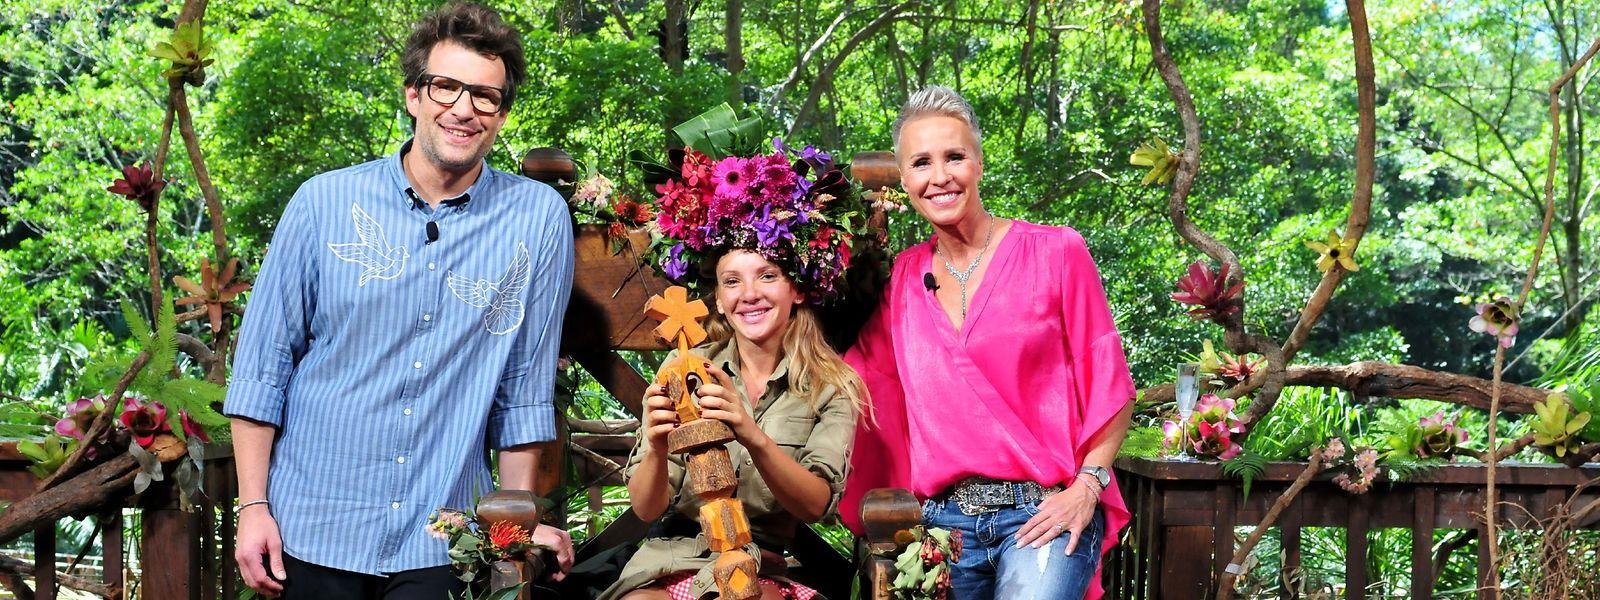 Evelyn Burdecki wurde nach 16 Tagen Dschungelcamp von den Moderatoren Sonja Zietlow (r.) und Daniel Hartwich zur Siegerin gekrönt.